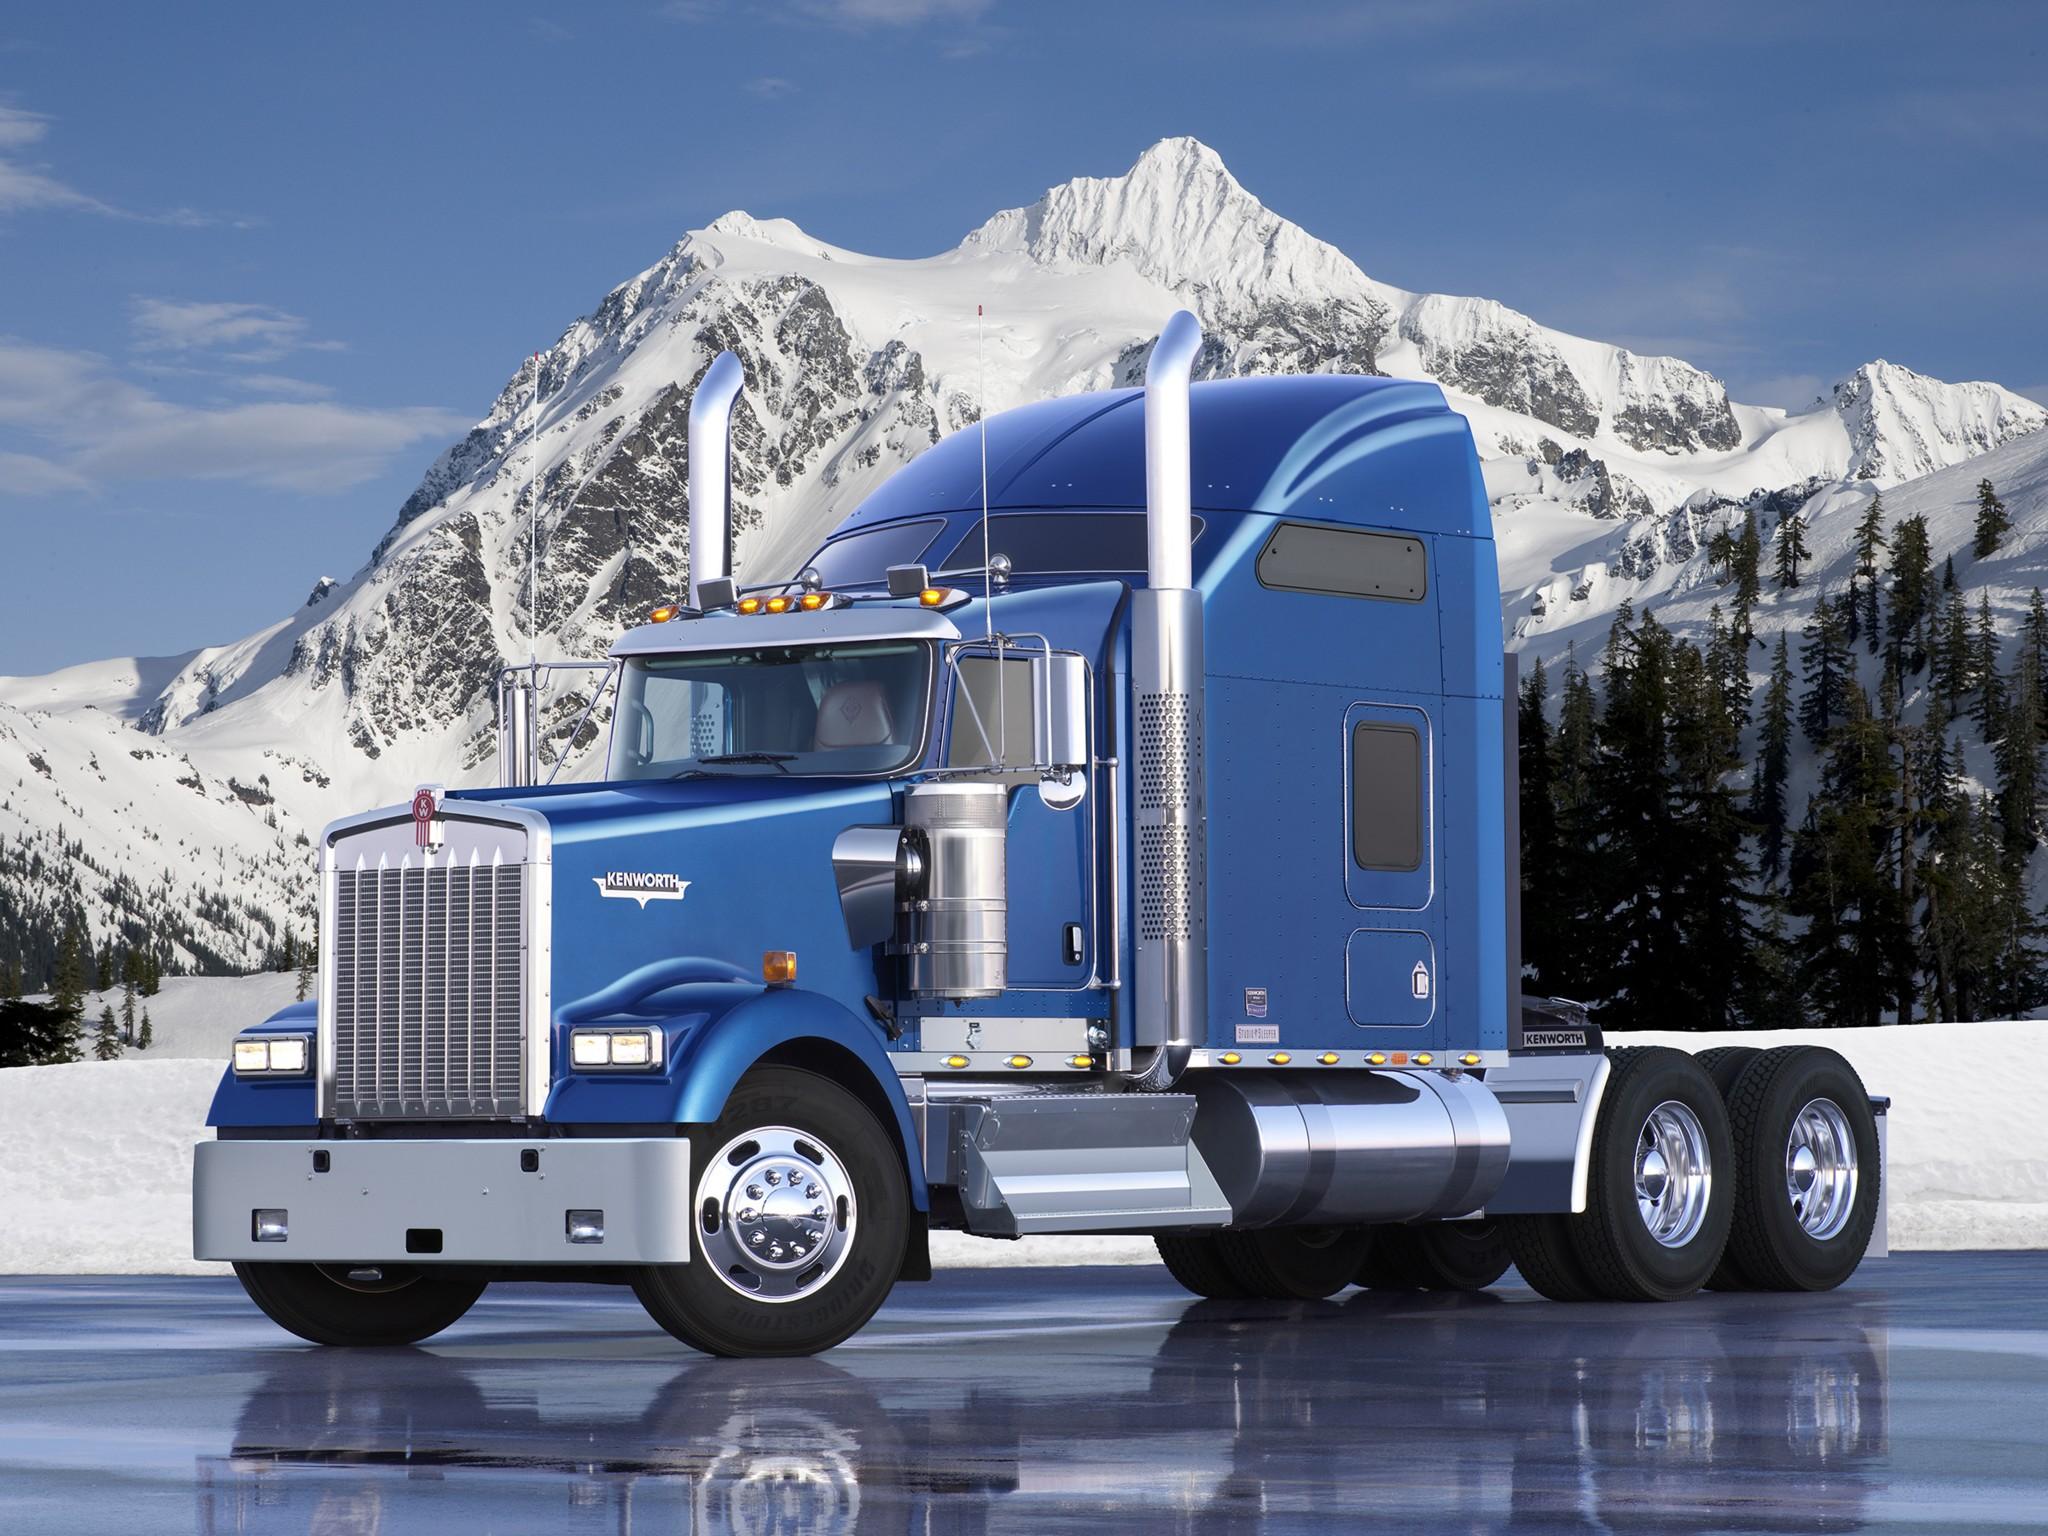 ford truck wallpaper hd